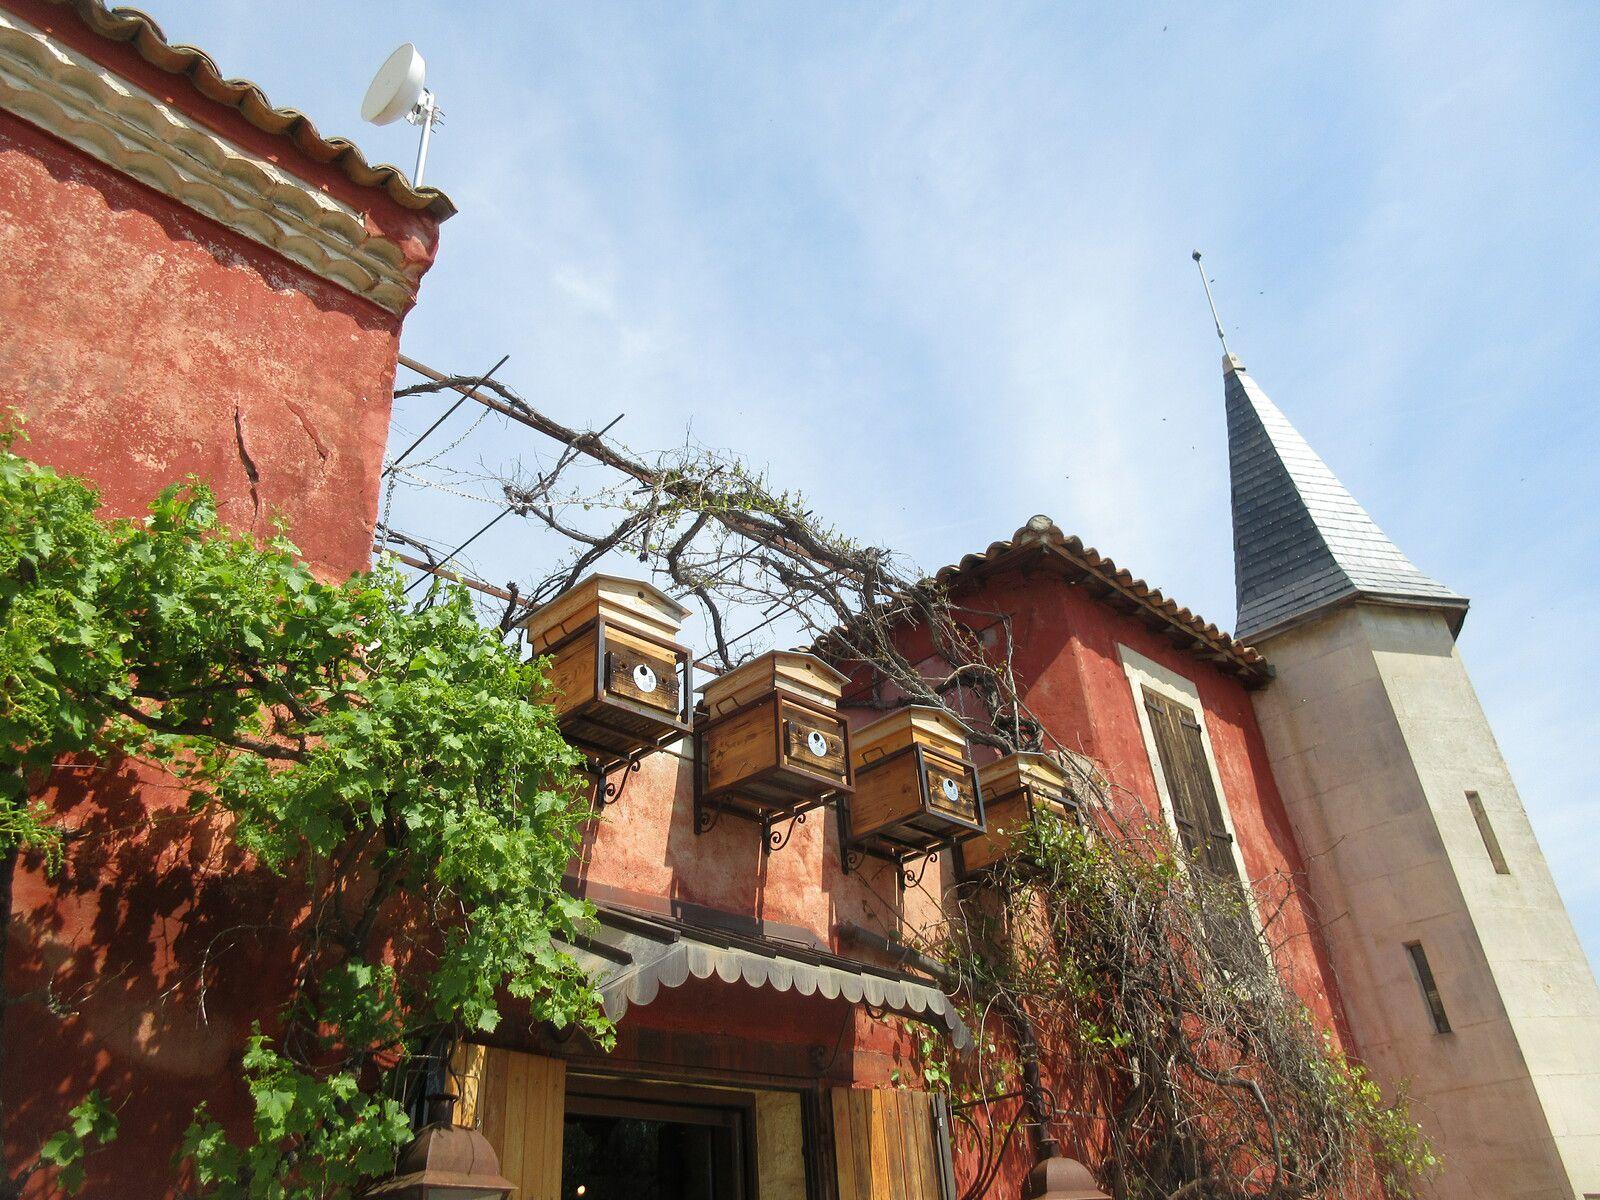 km 681 Psychedelic CROISETTE dans le Gard - Le tour de la Maison Carrée jusqu'au coin des Angles